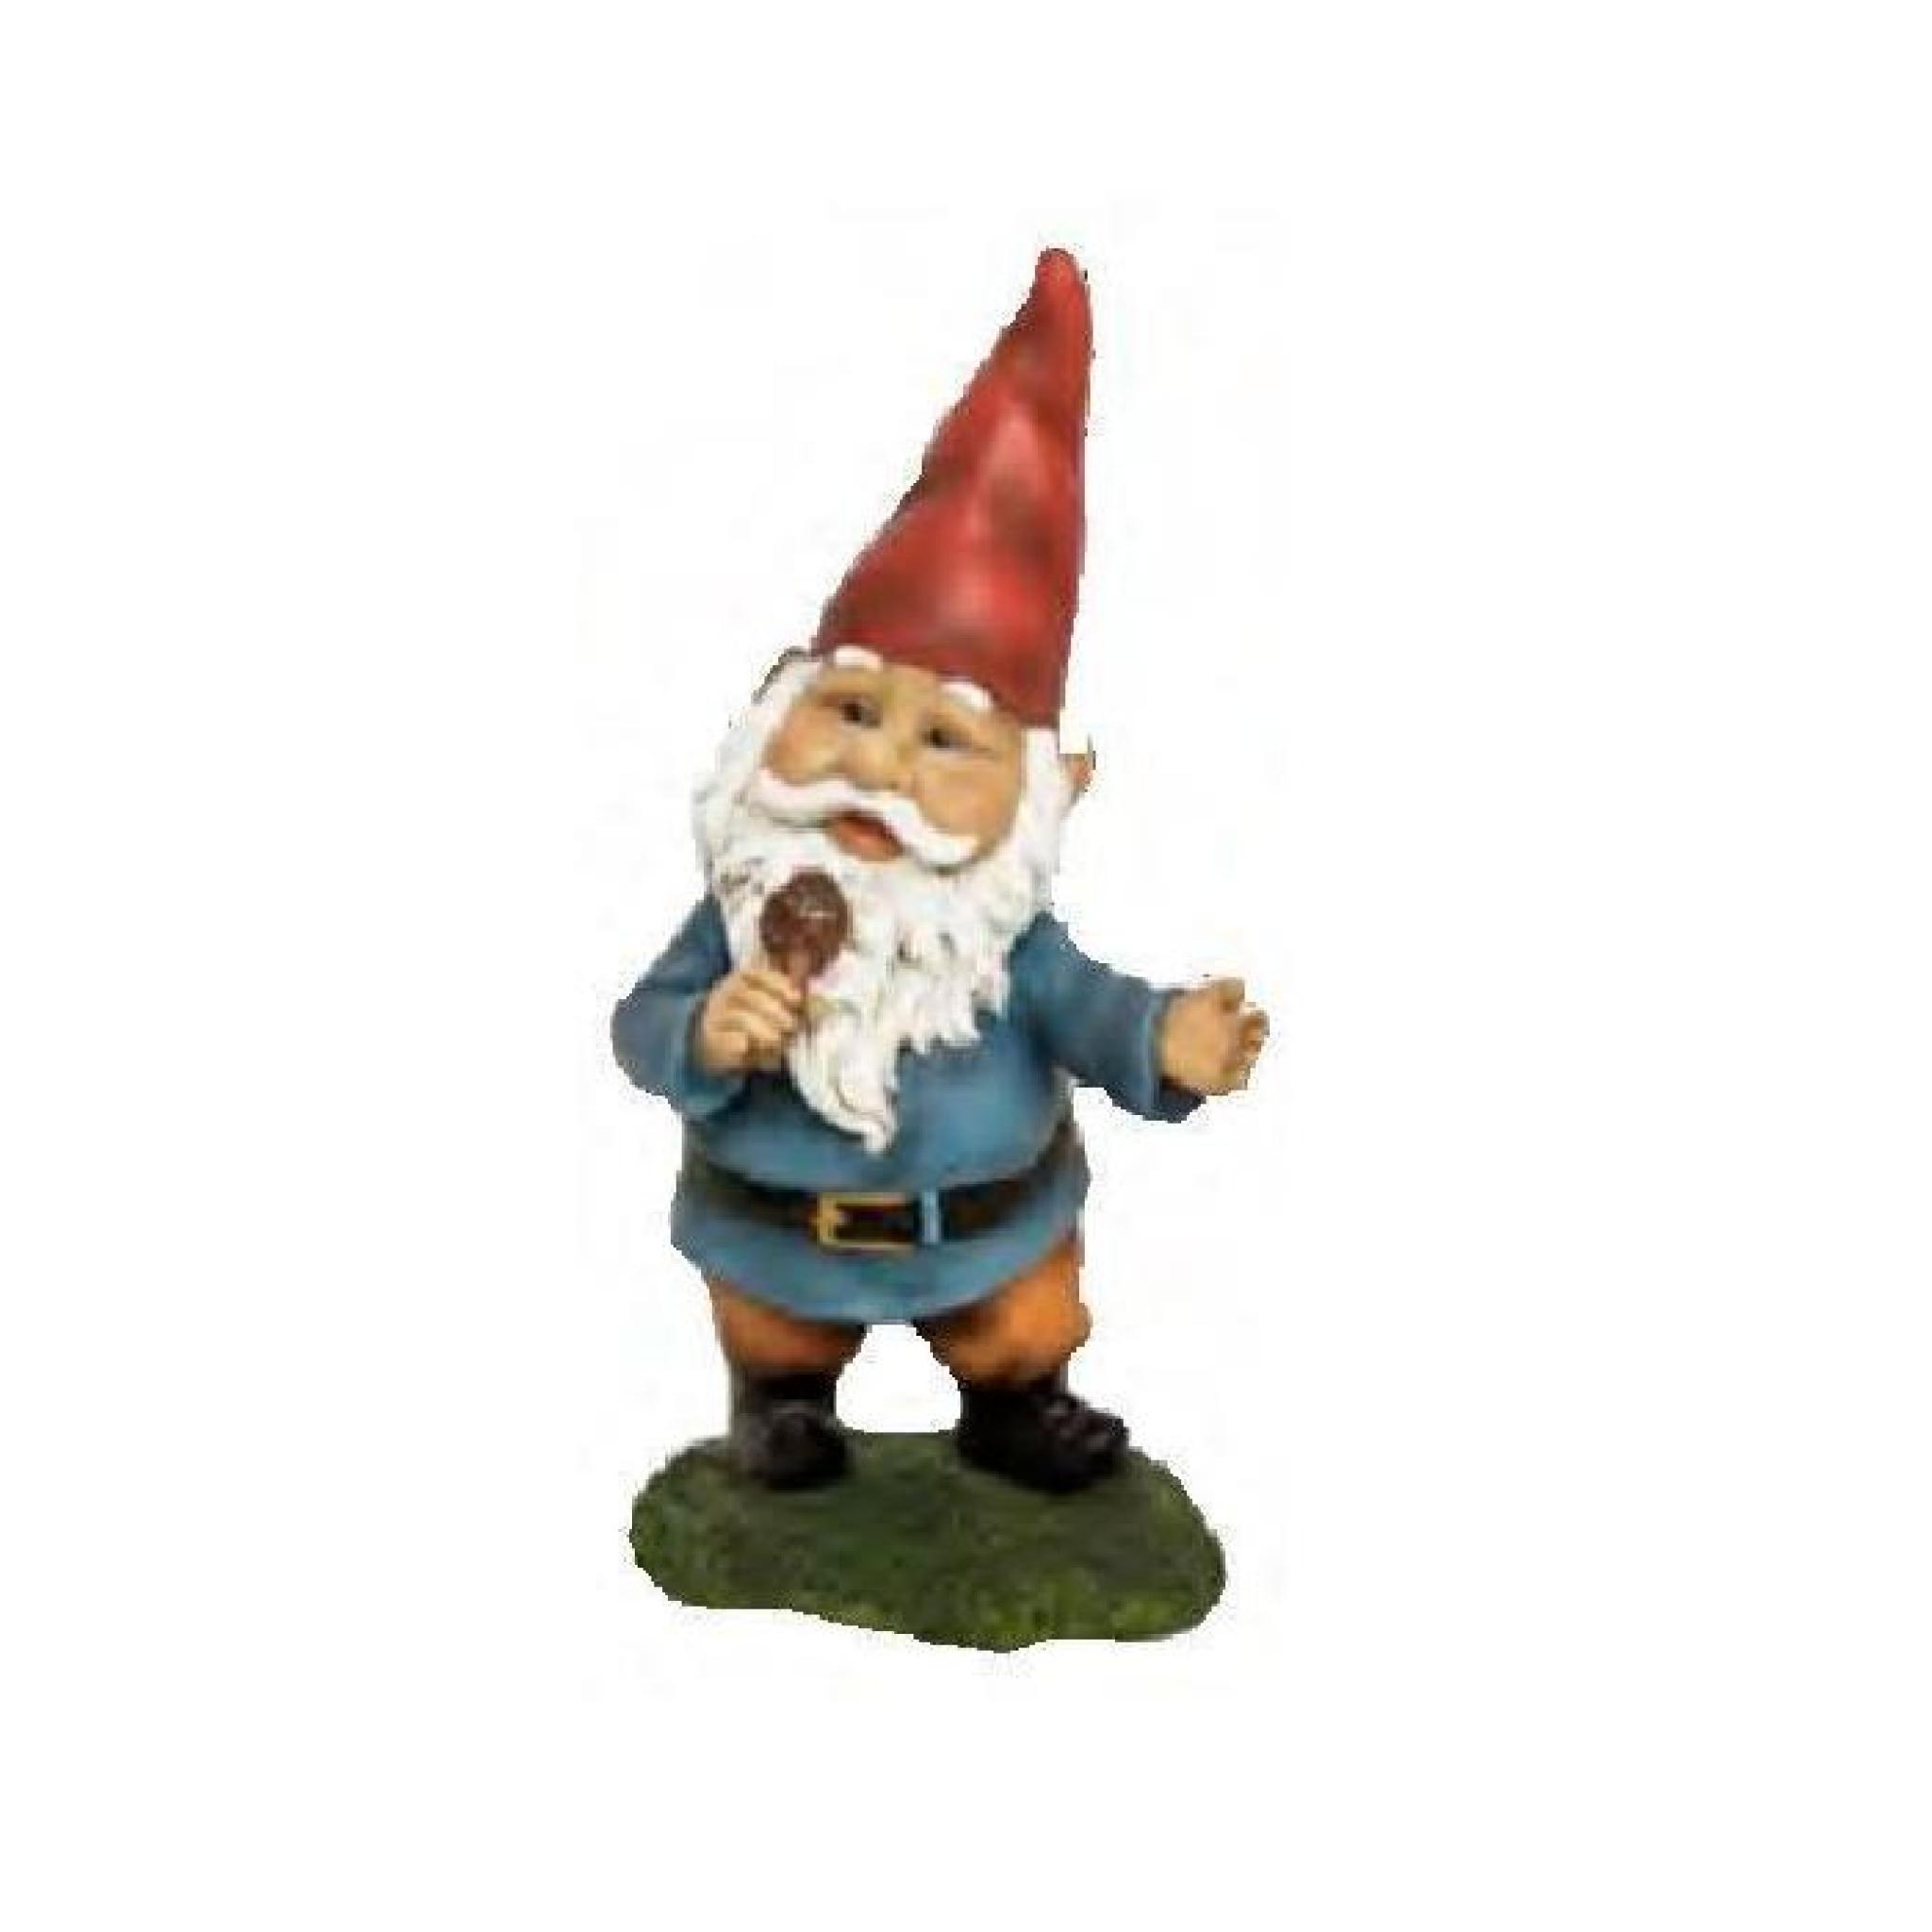 Statuette Nain De Jardin Avec Micro 20 Cm - Achat/Vente ... destiné Nain De Jardin Doigt D'Honneur Pas Cher